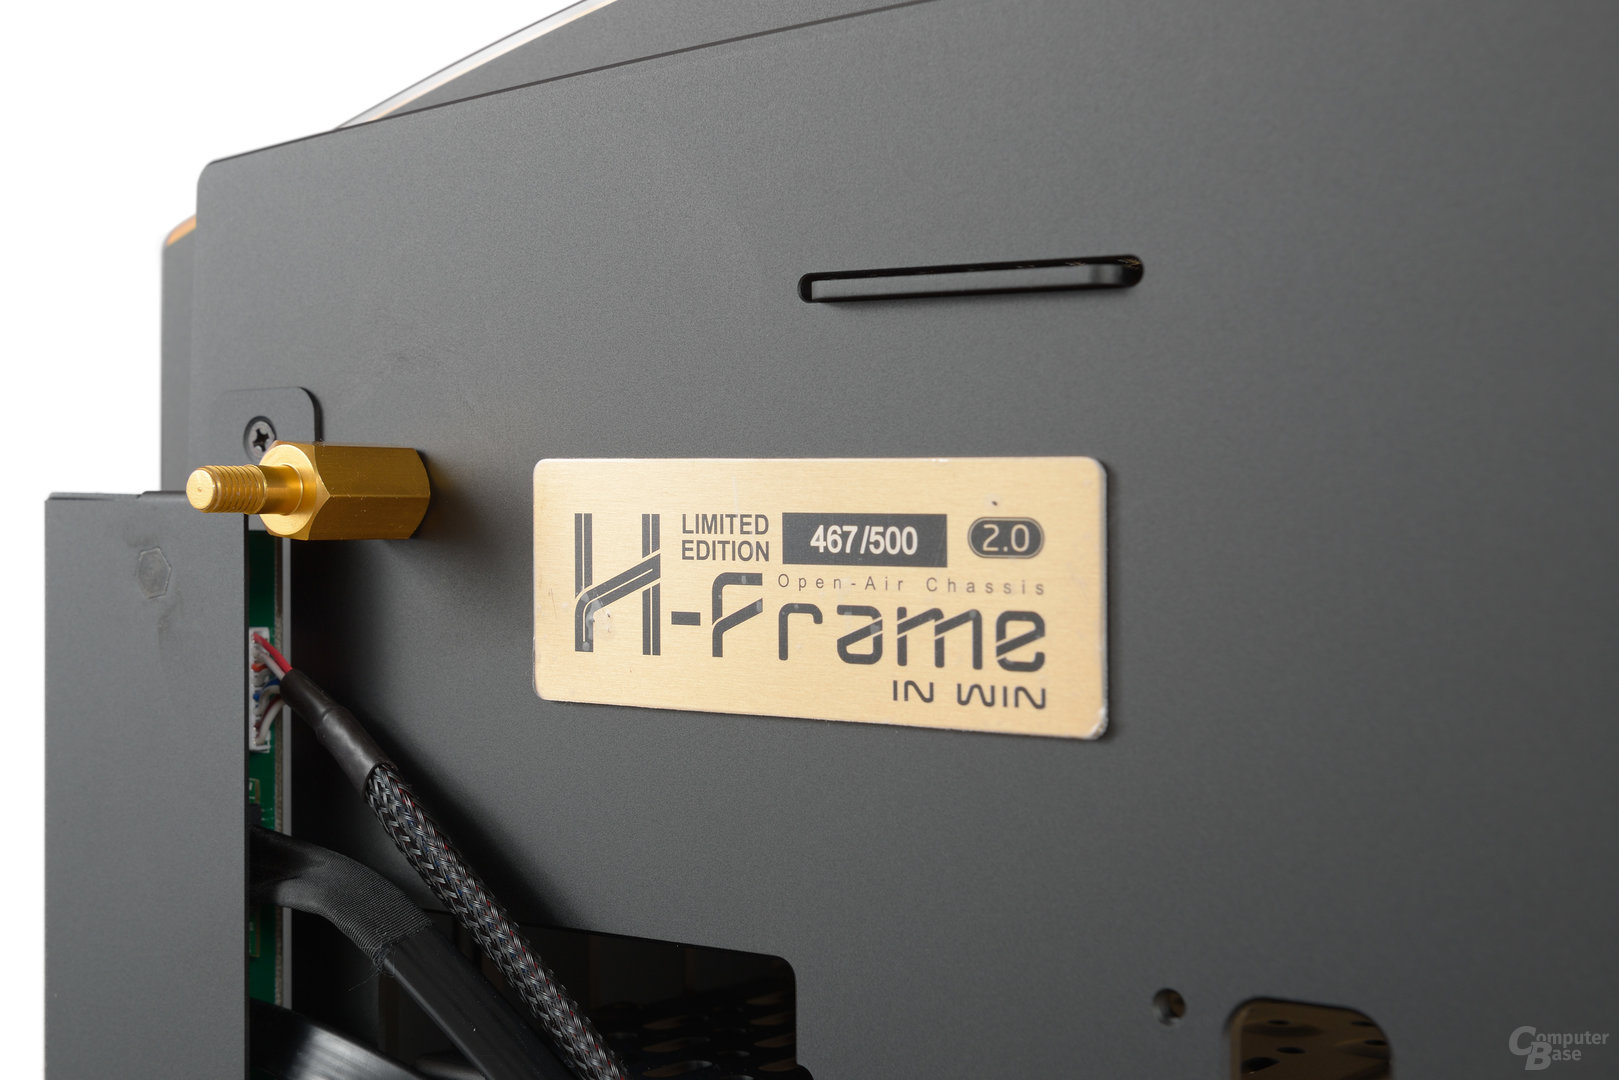 In Win H-Frame 2.0 – Jedes Exemplar trägt eine Seriennummer